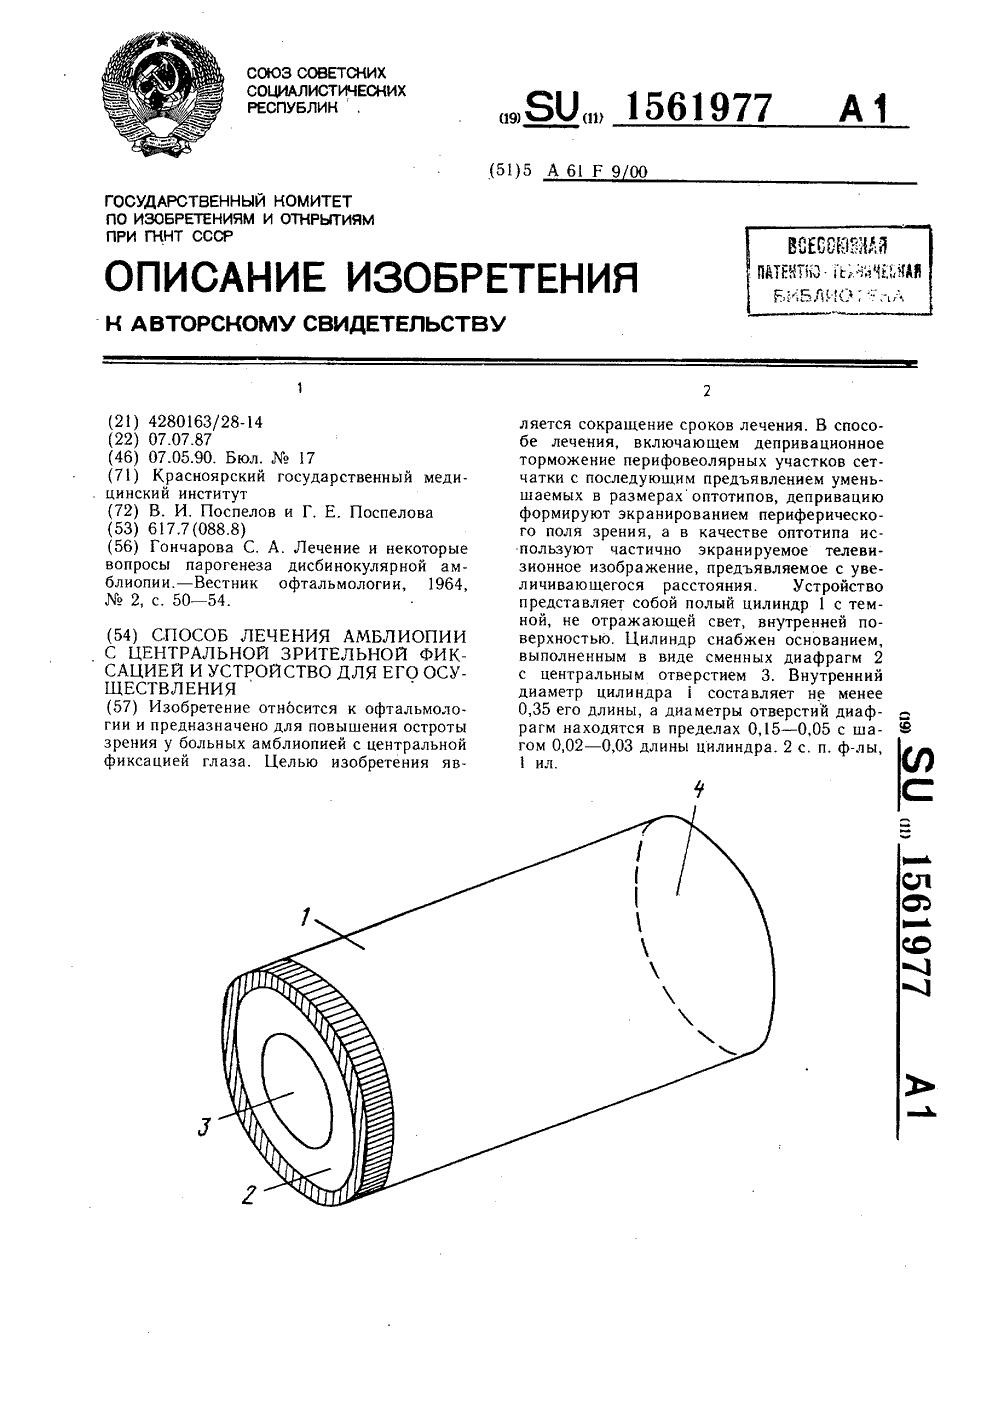 Эксимер-лазерная коррекция астигматизма цены